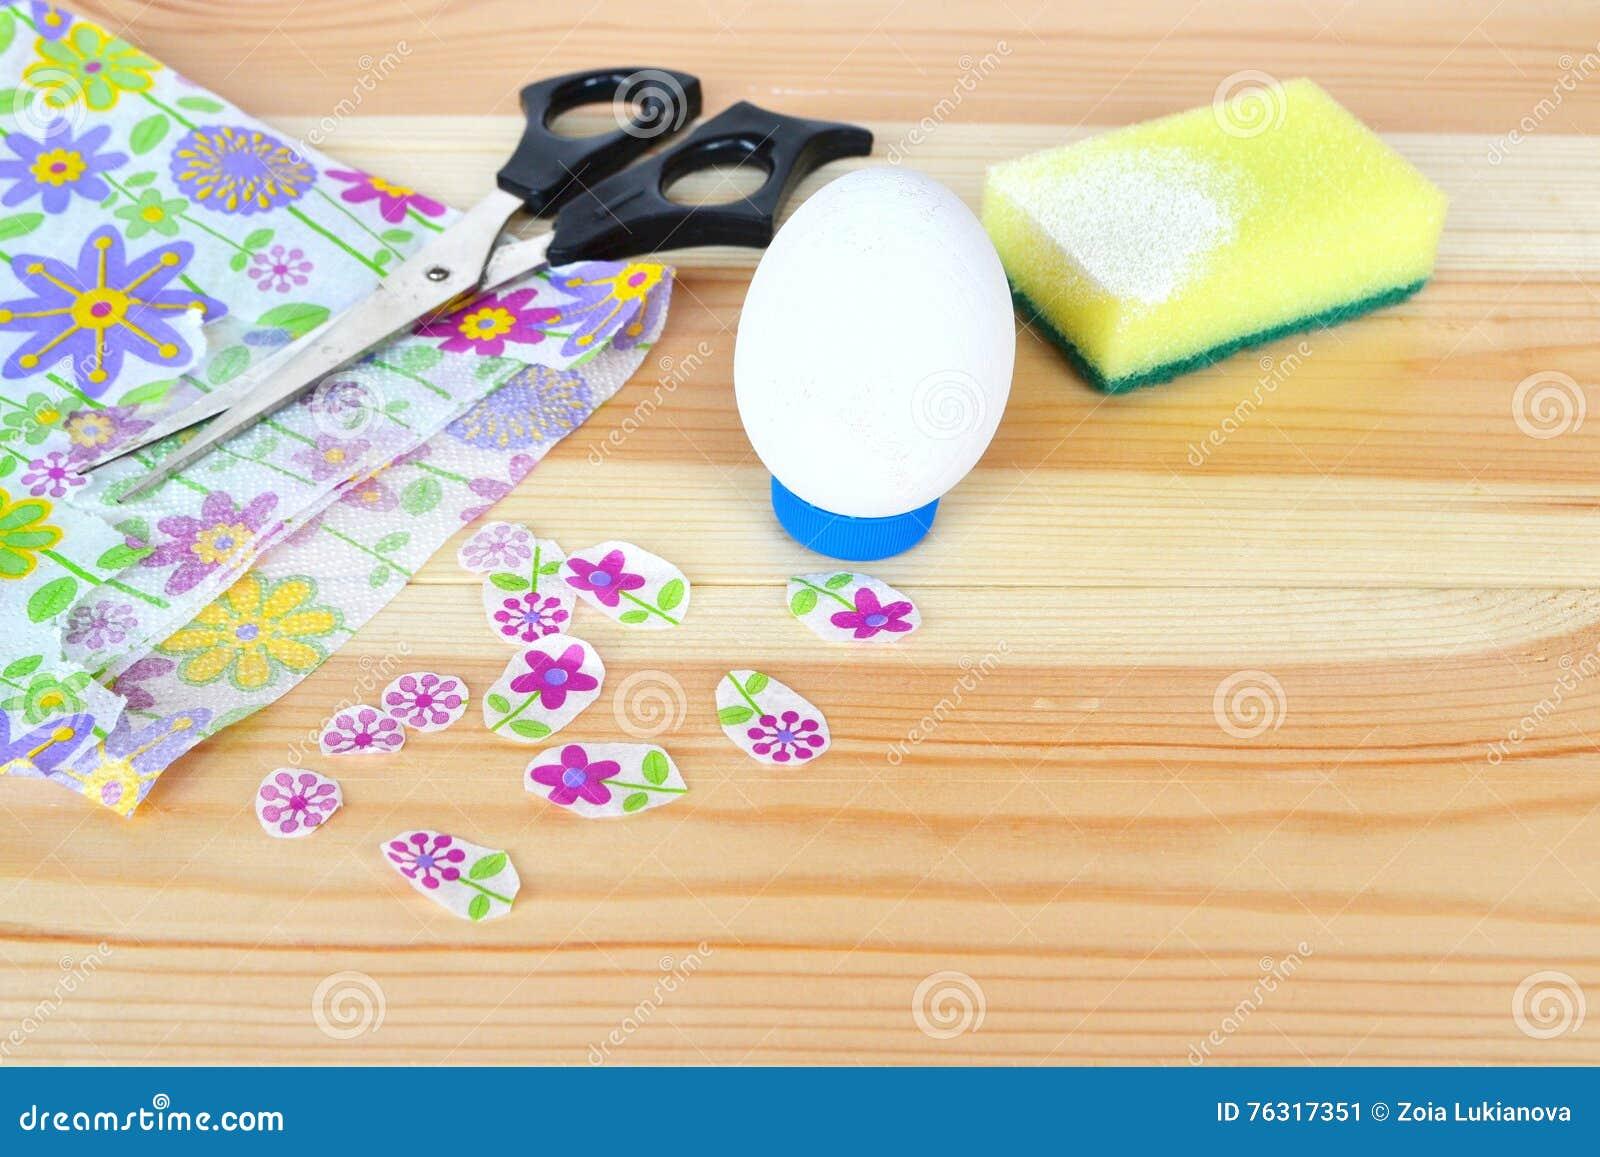 Comment faire l ornement d oeuf de pâques opération Idée de Pâques DIY